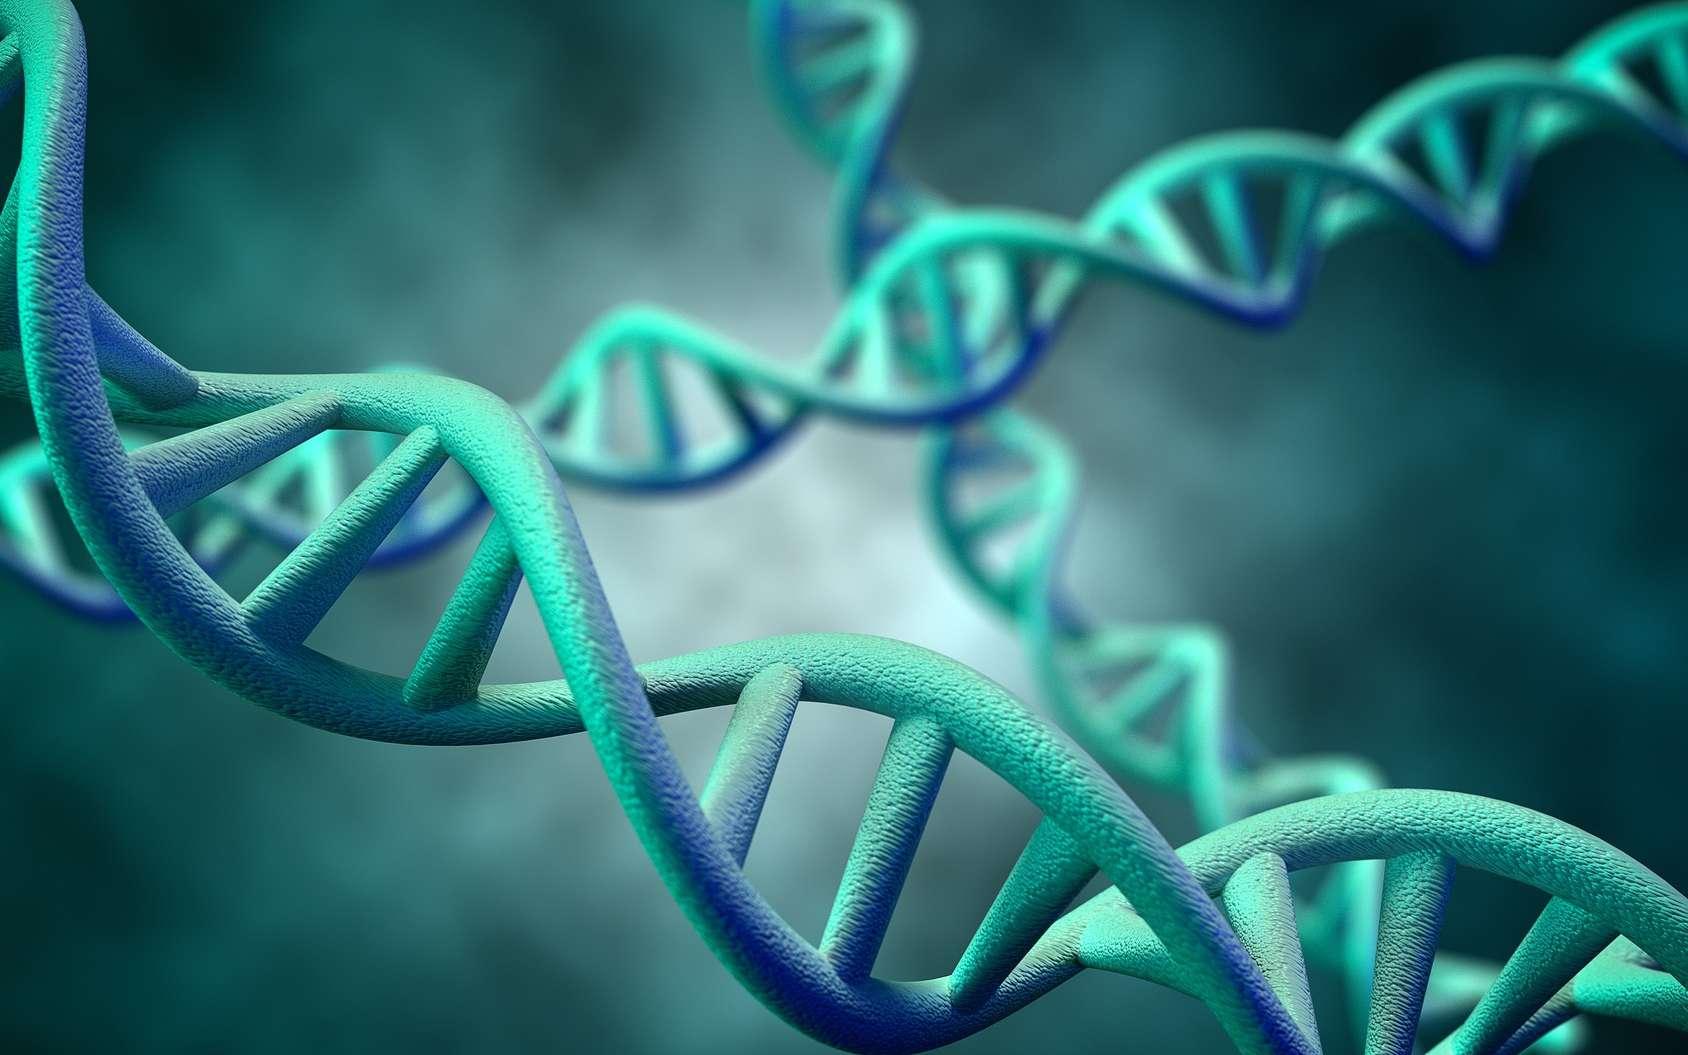 Lors de la réplication d'ADN, la séquence doit être conservée pour obtenir deux molécules filles identiques. © supparsorn, Fotolia